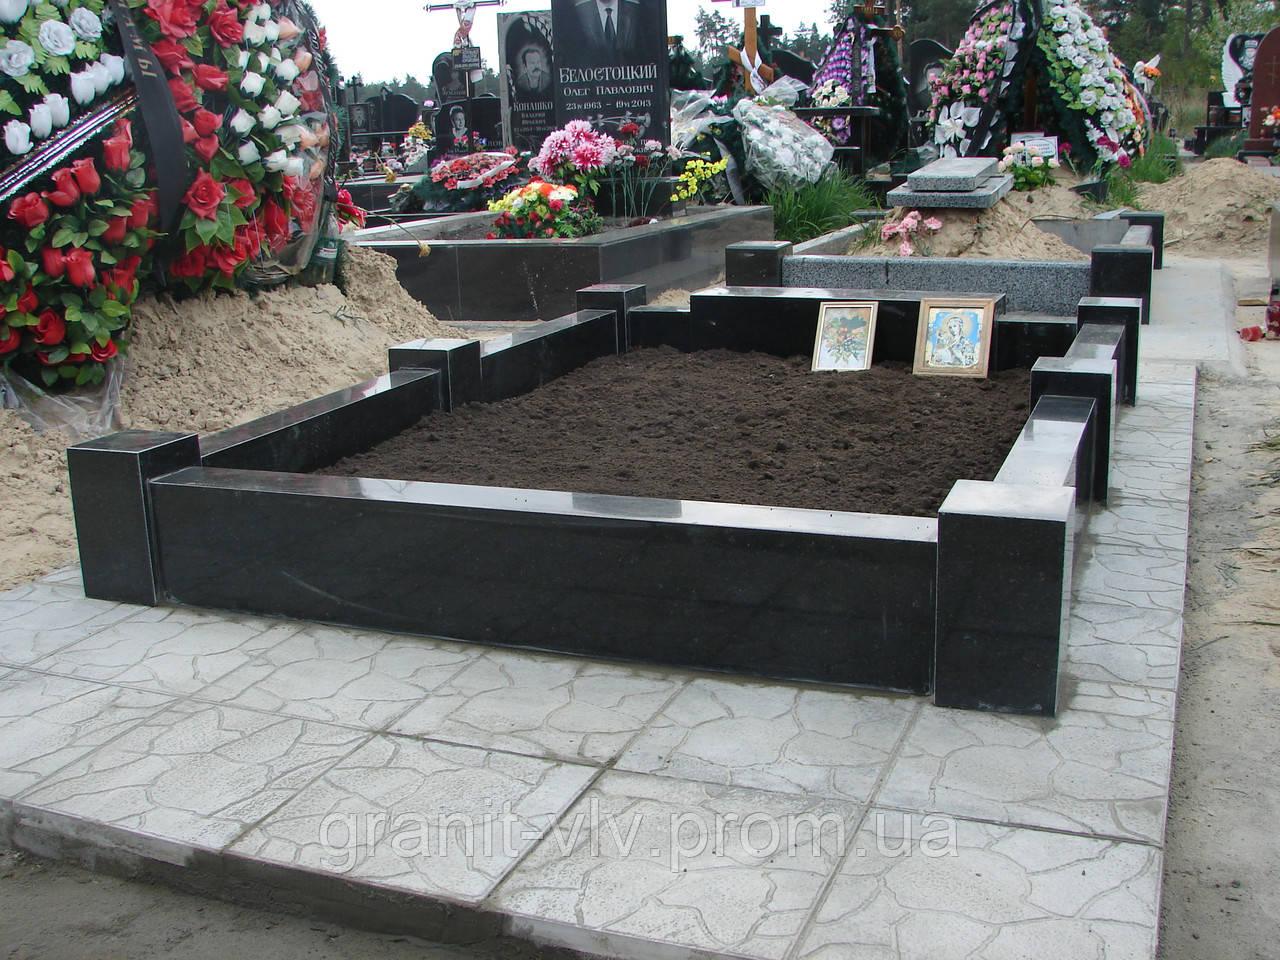 Памятники из гранита на кладбище в чистый четверг монета памятник тысячелетие россии цена